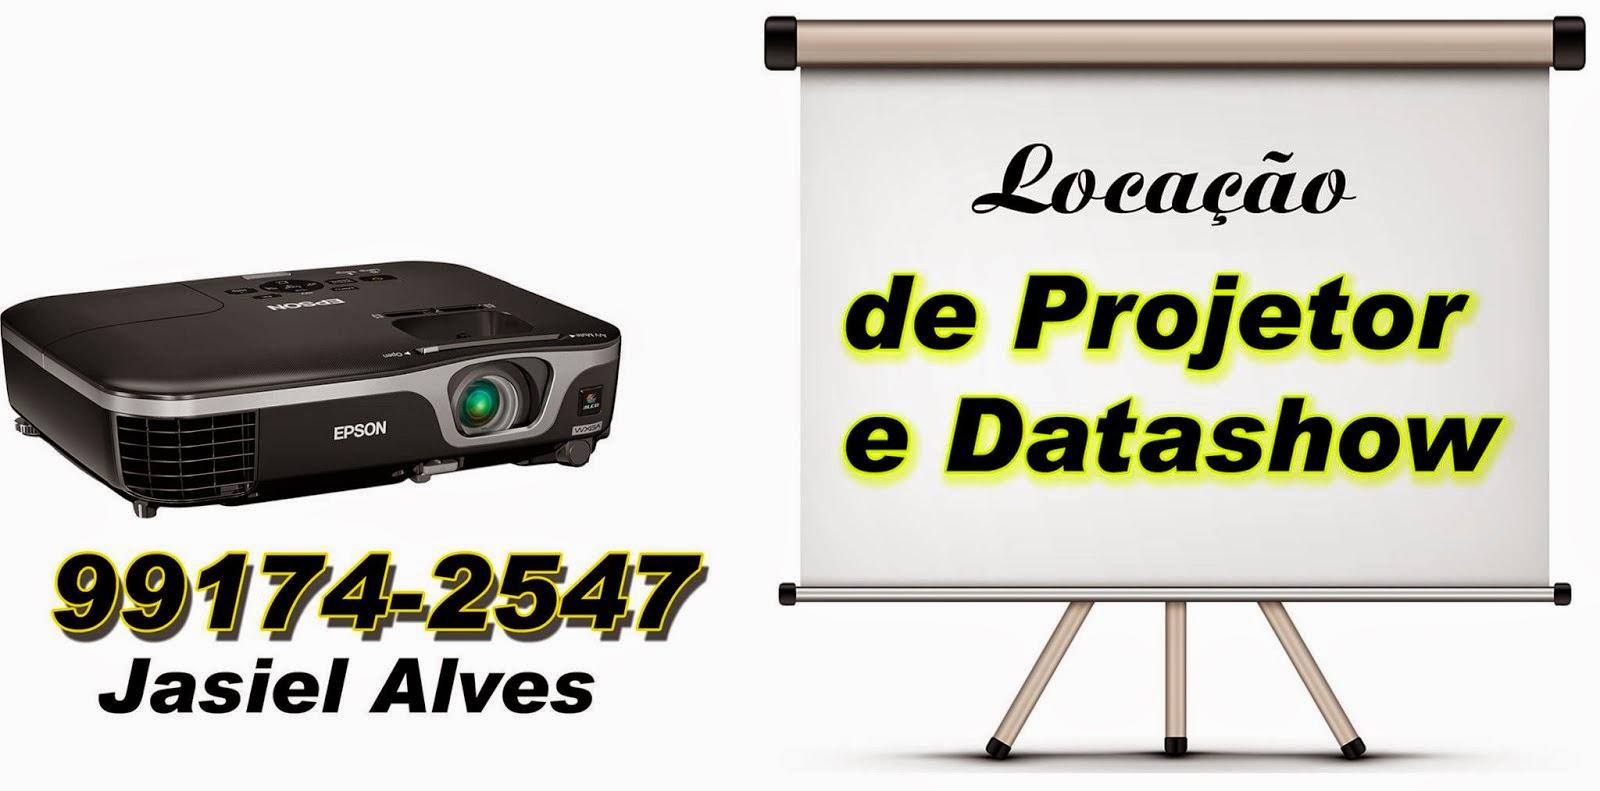 Iocação de Projetor e Datashow ligue agora ( 99 )  991742547